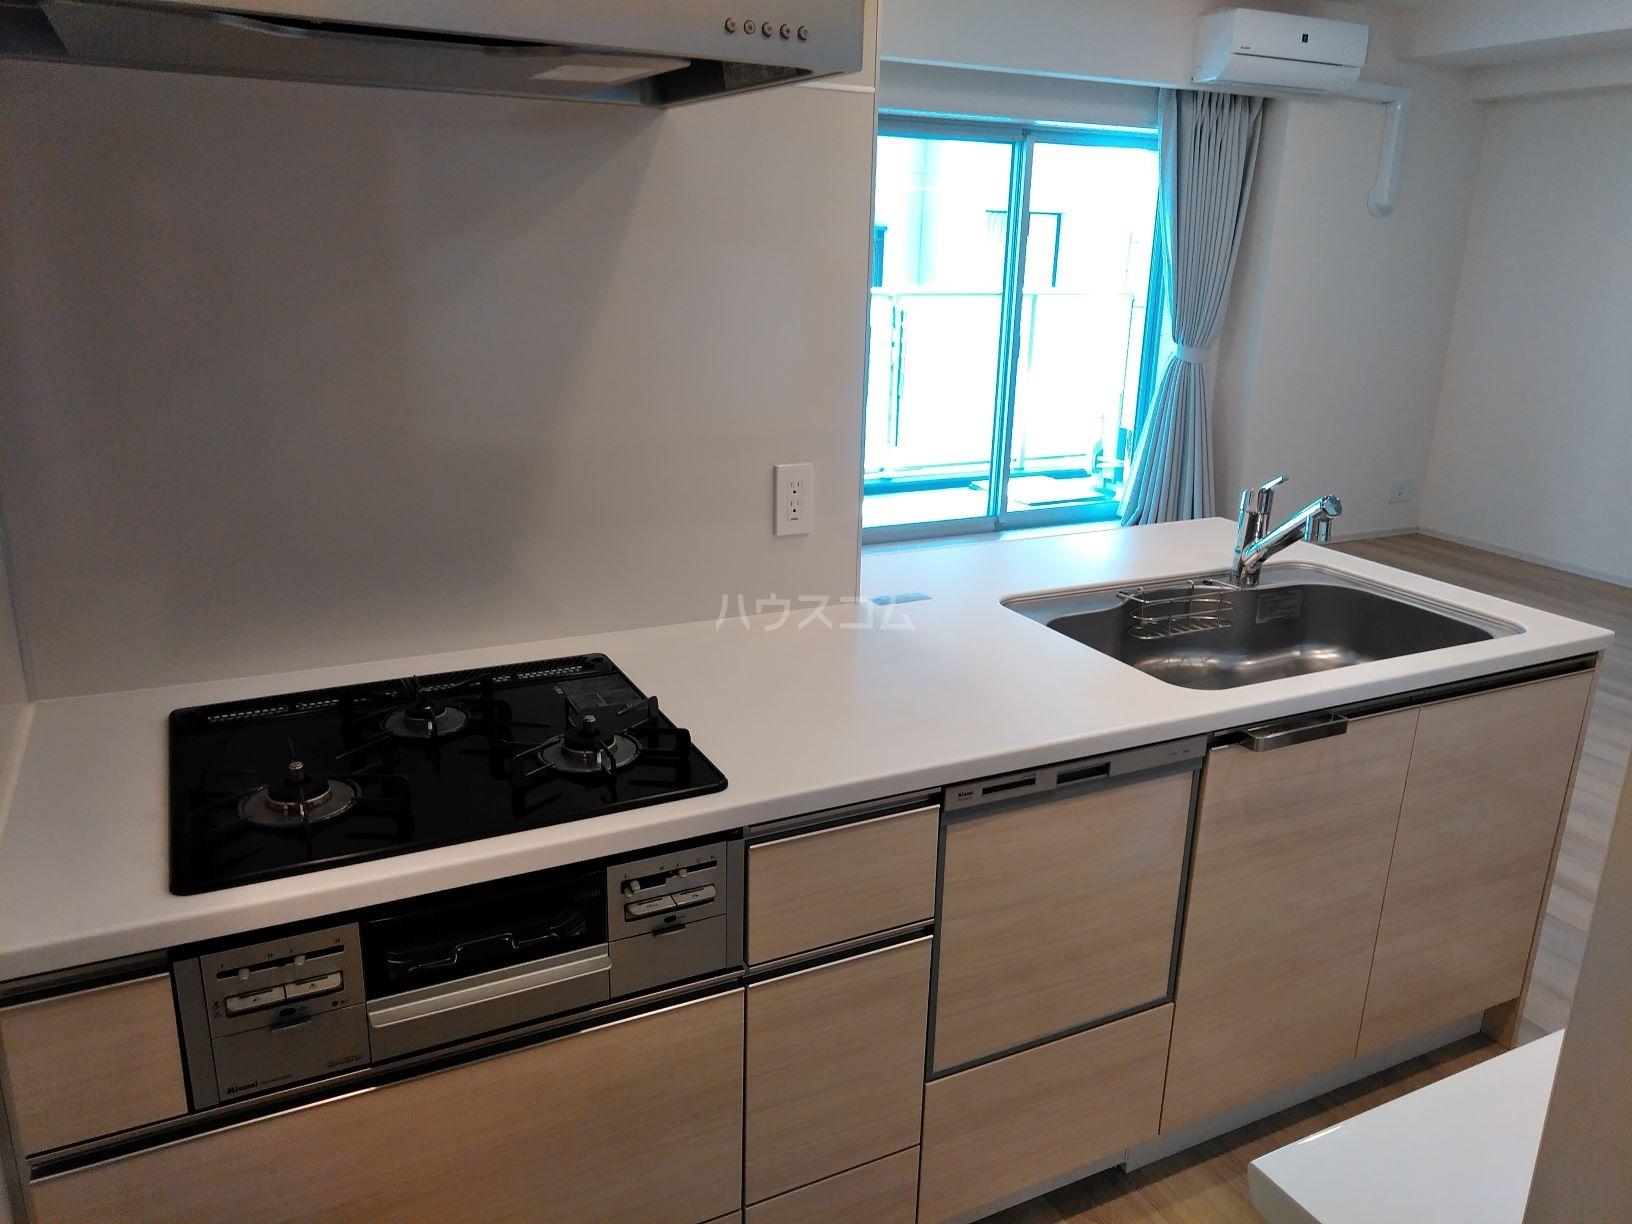 ザ・パークハウス岐阜 202号室のキッチン